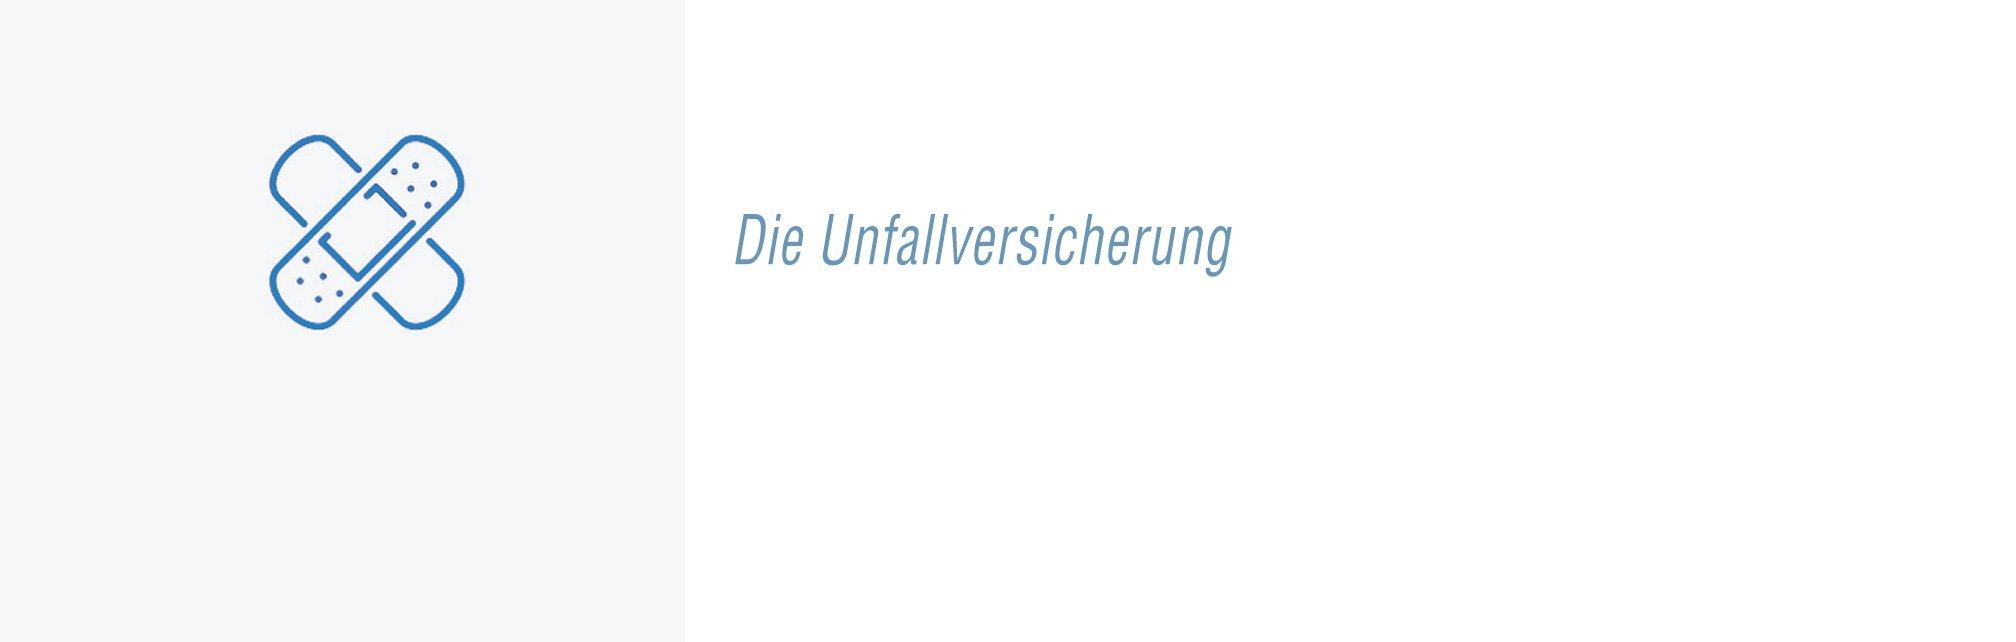 Unfallversicheurng genossenschaft berlin